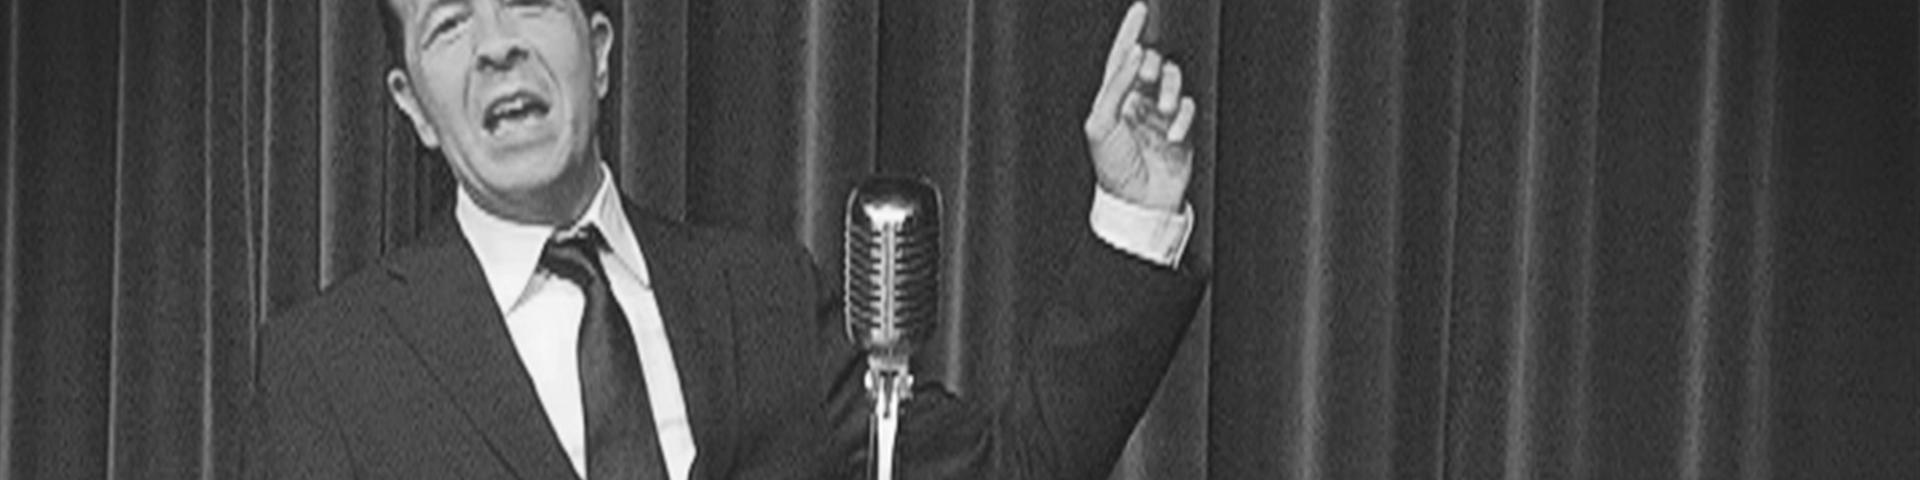 Los Mirandas – Bad Words 1950